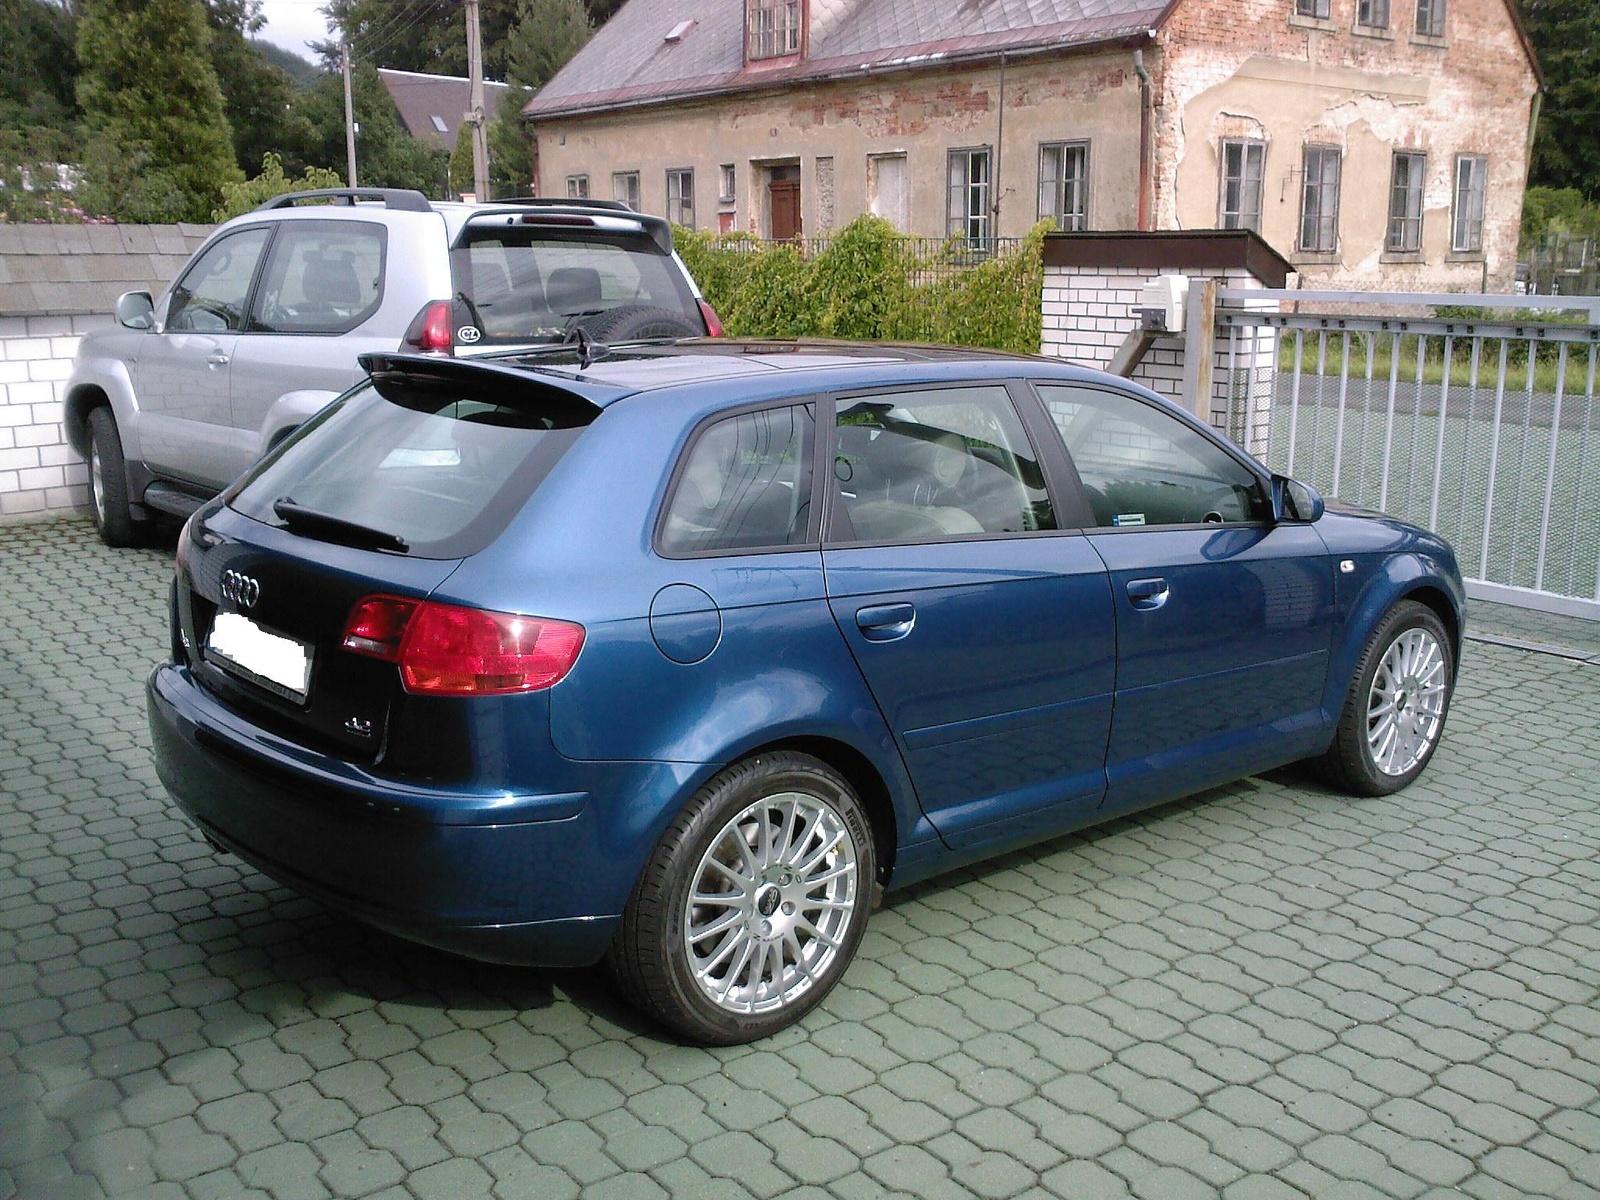 2005 Audi A3 - Pictures - CarGurus